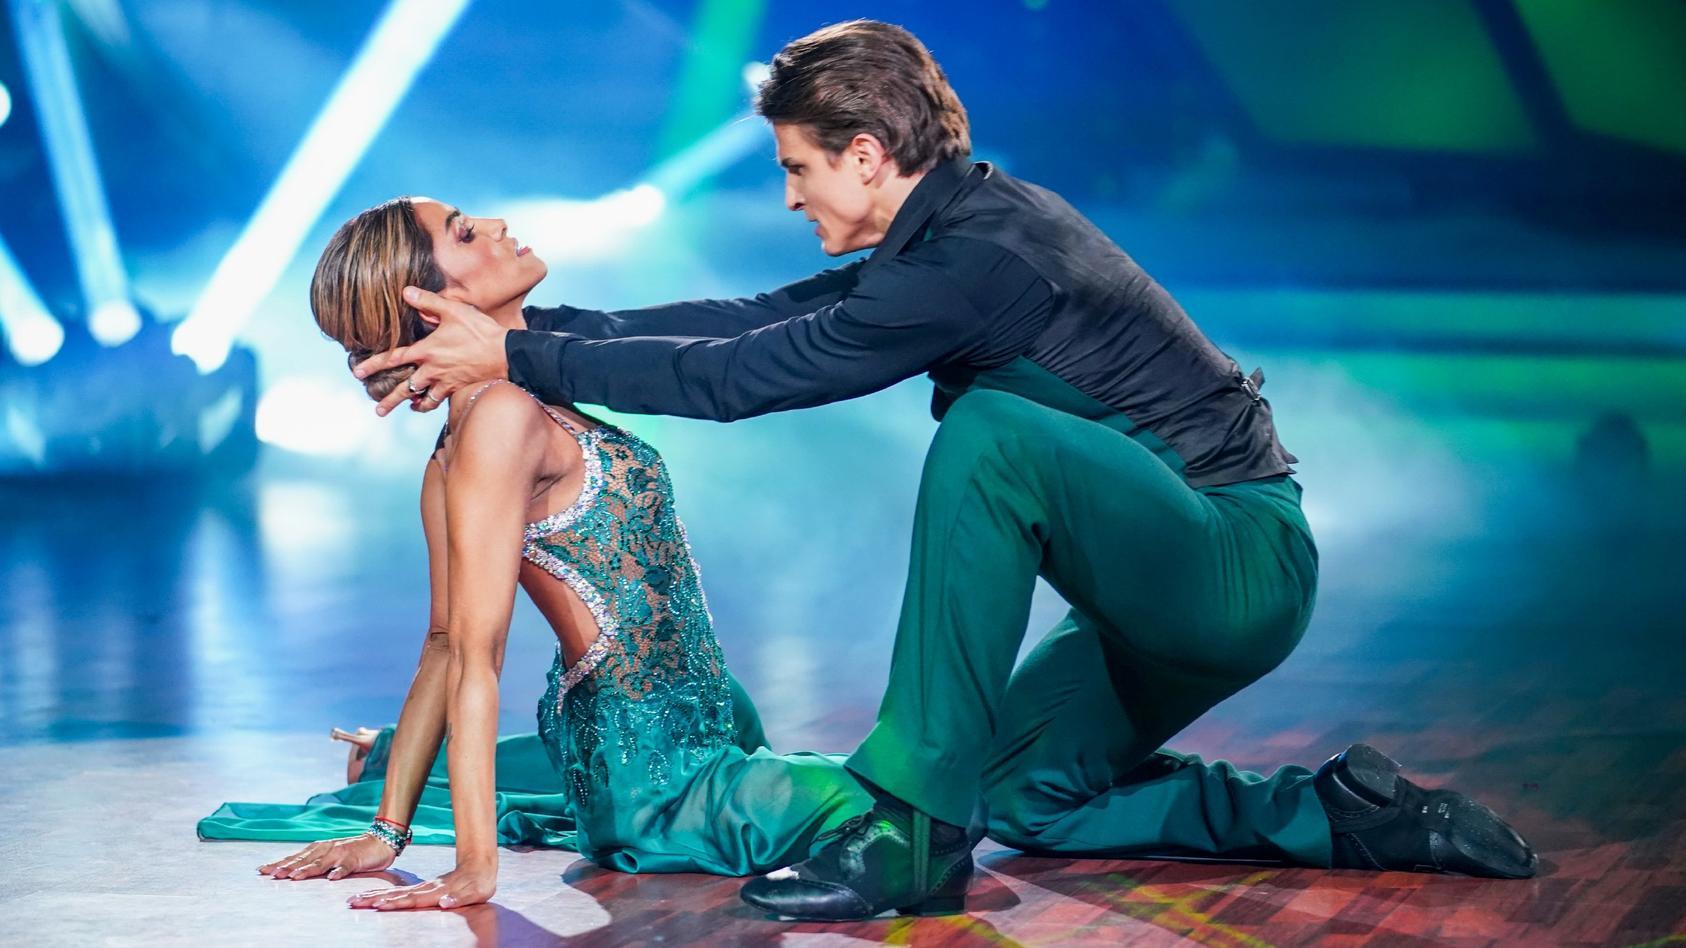 """Sabrina Setlur und Nikita Kuzmin bei ihrem Auftritt in Show 1 von """"Let's Dance""""."""